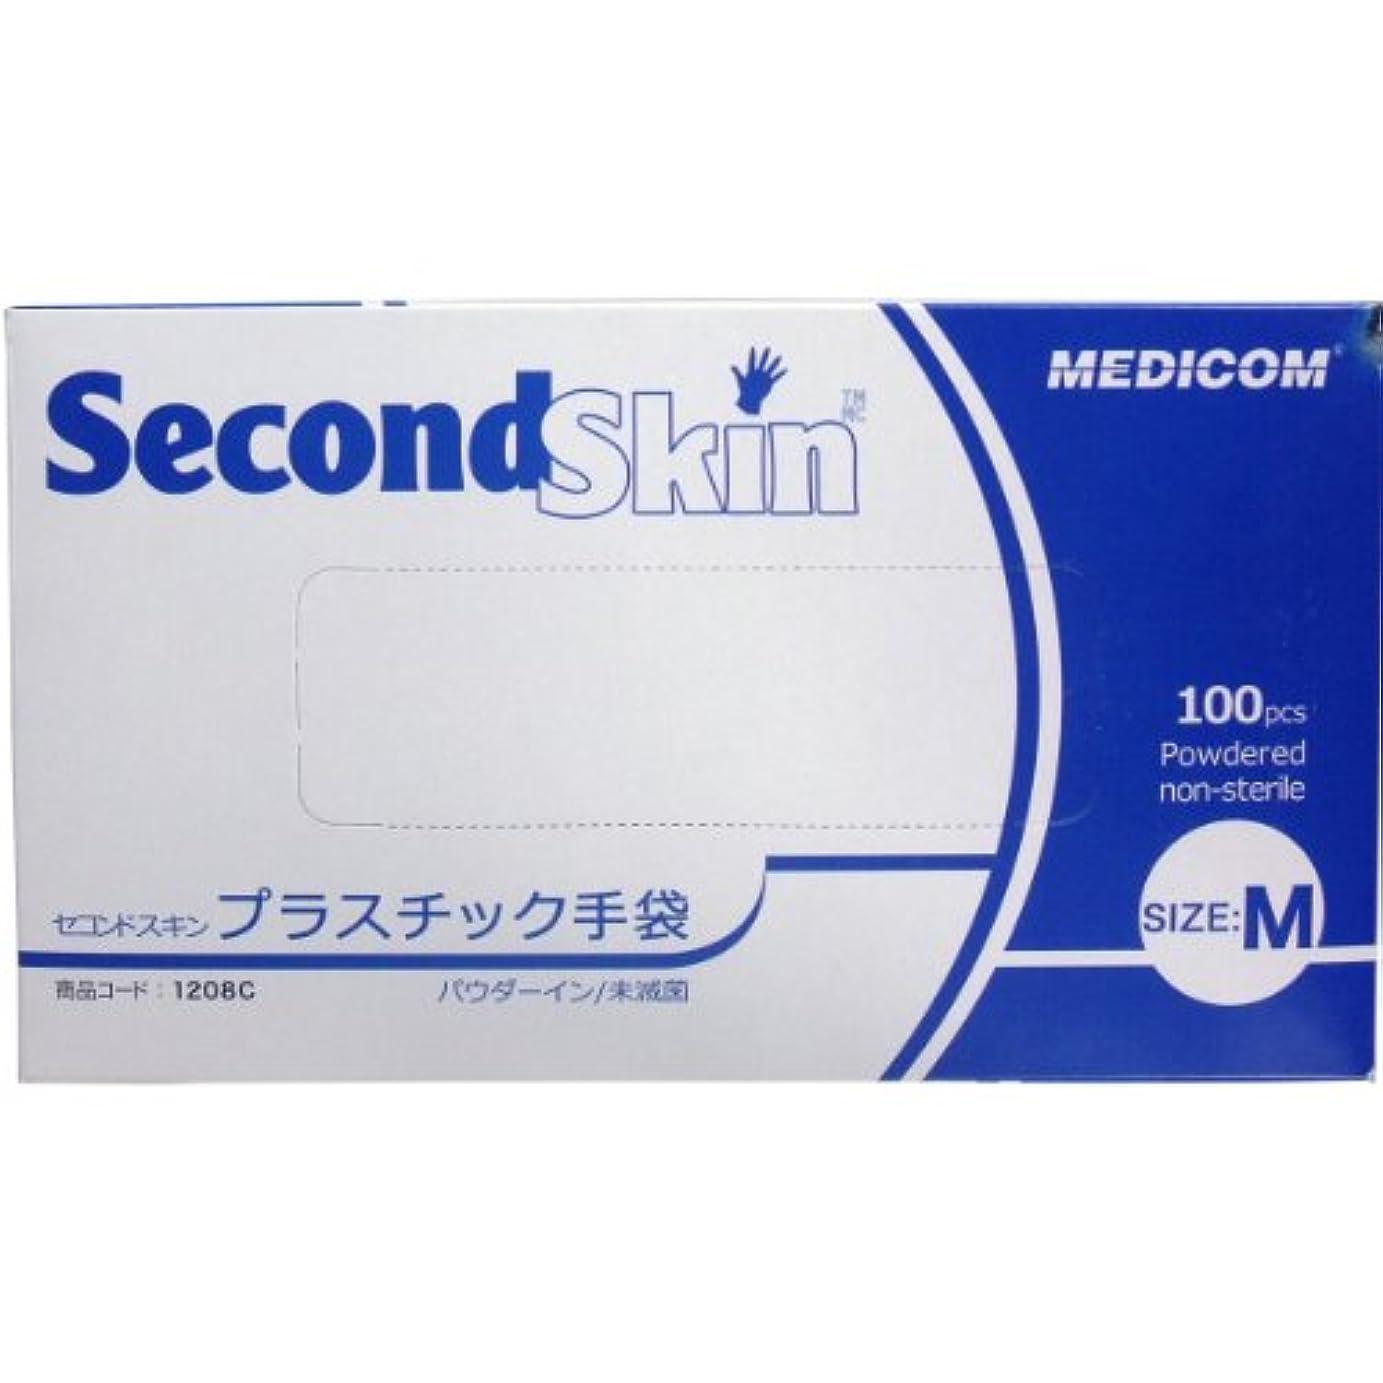 こねるそしてみなさんセコンドスキン プラスチック手袋 Mサイズ 100枚入(単品)